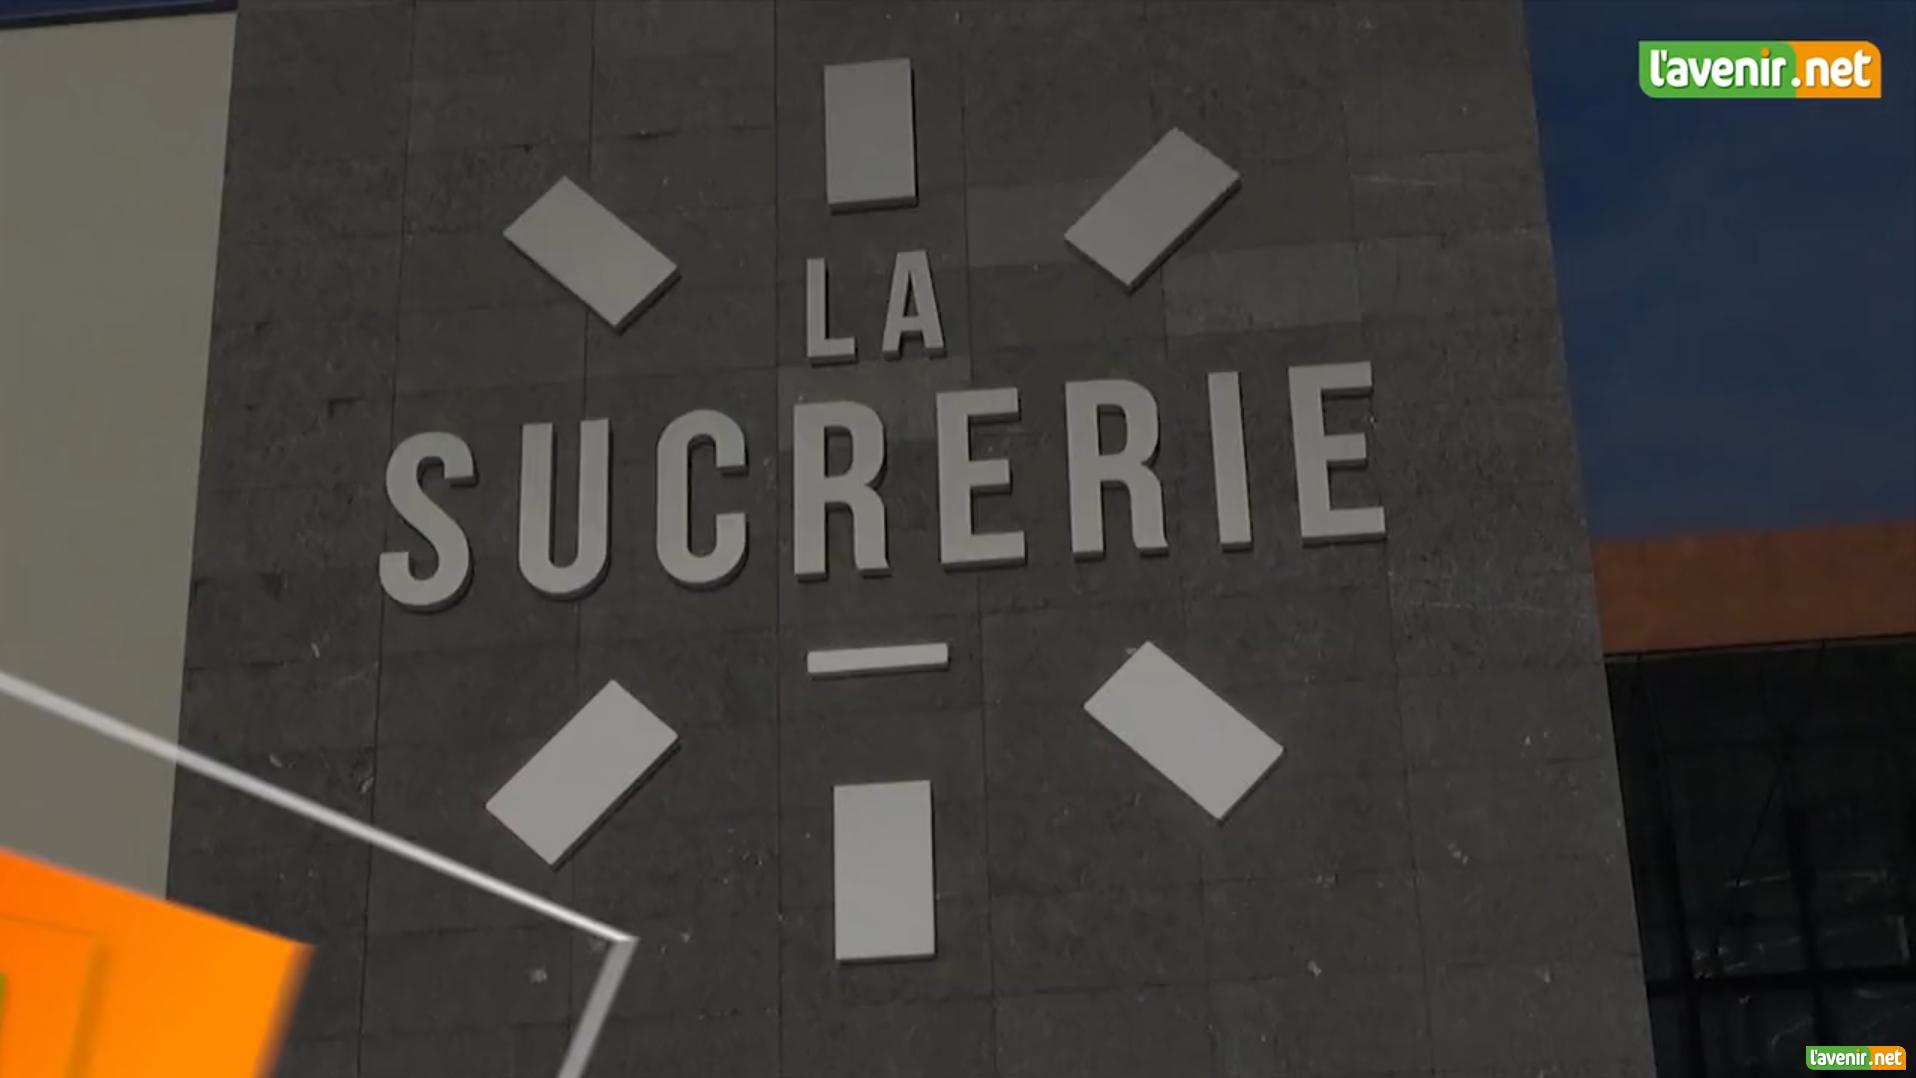 Visite virtuelle de la Sucrerie, le nouveau centre culturel de Wavre!